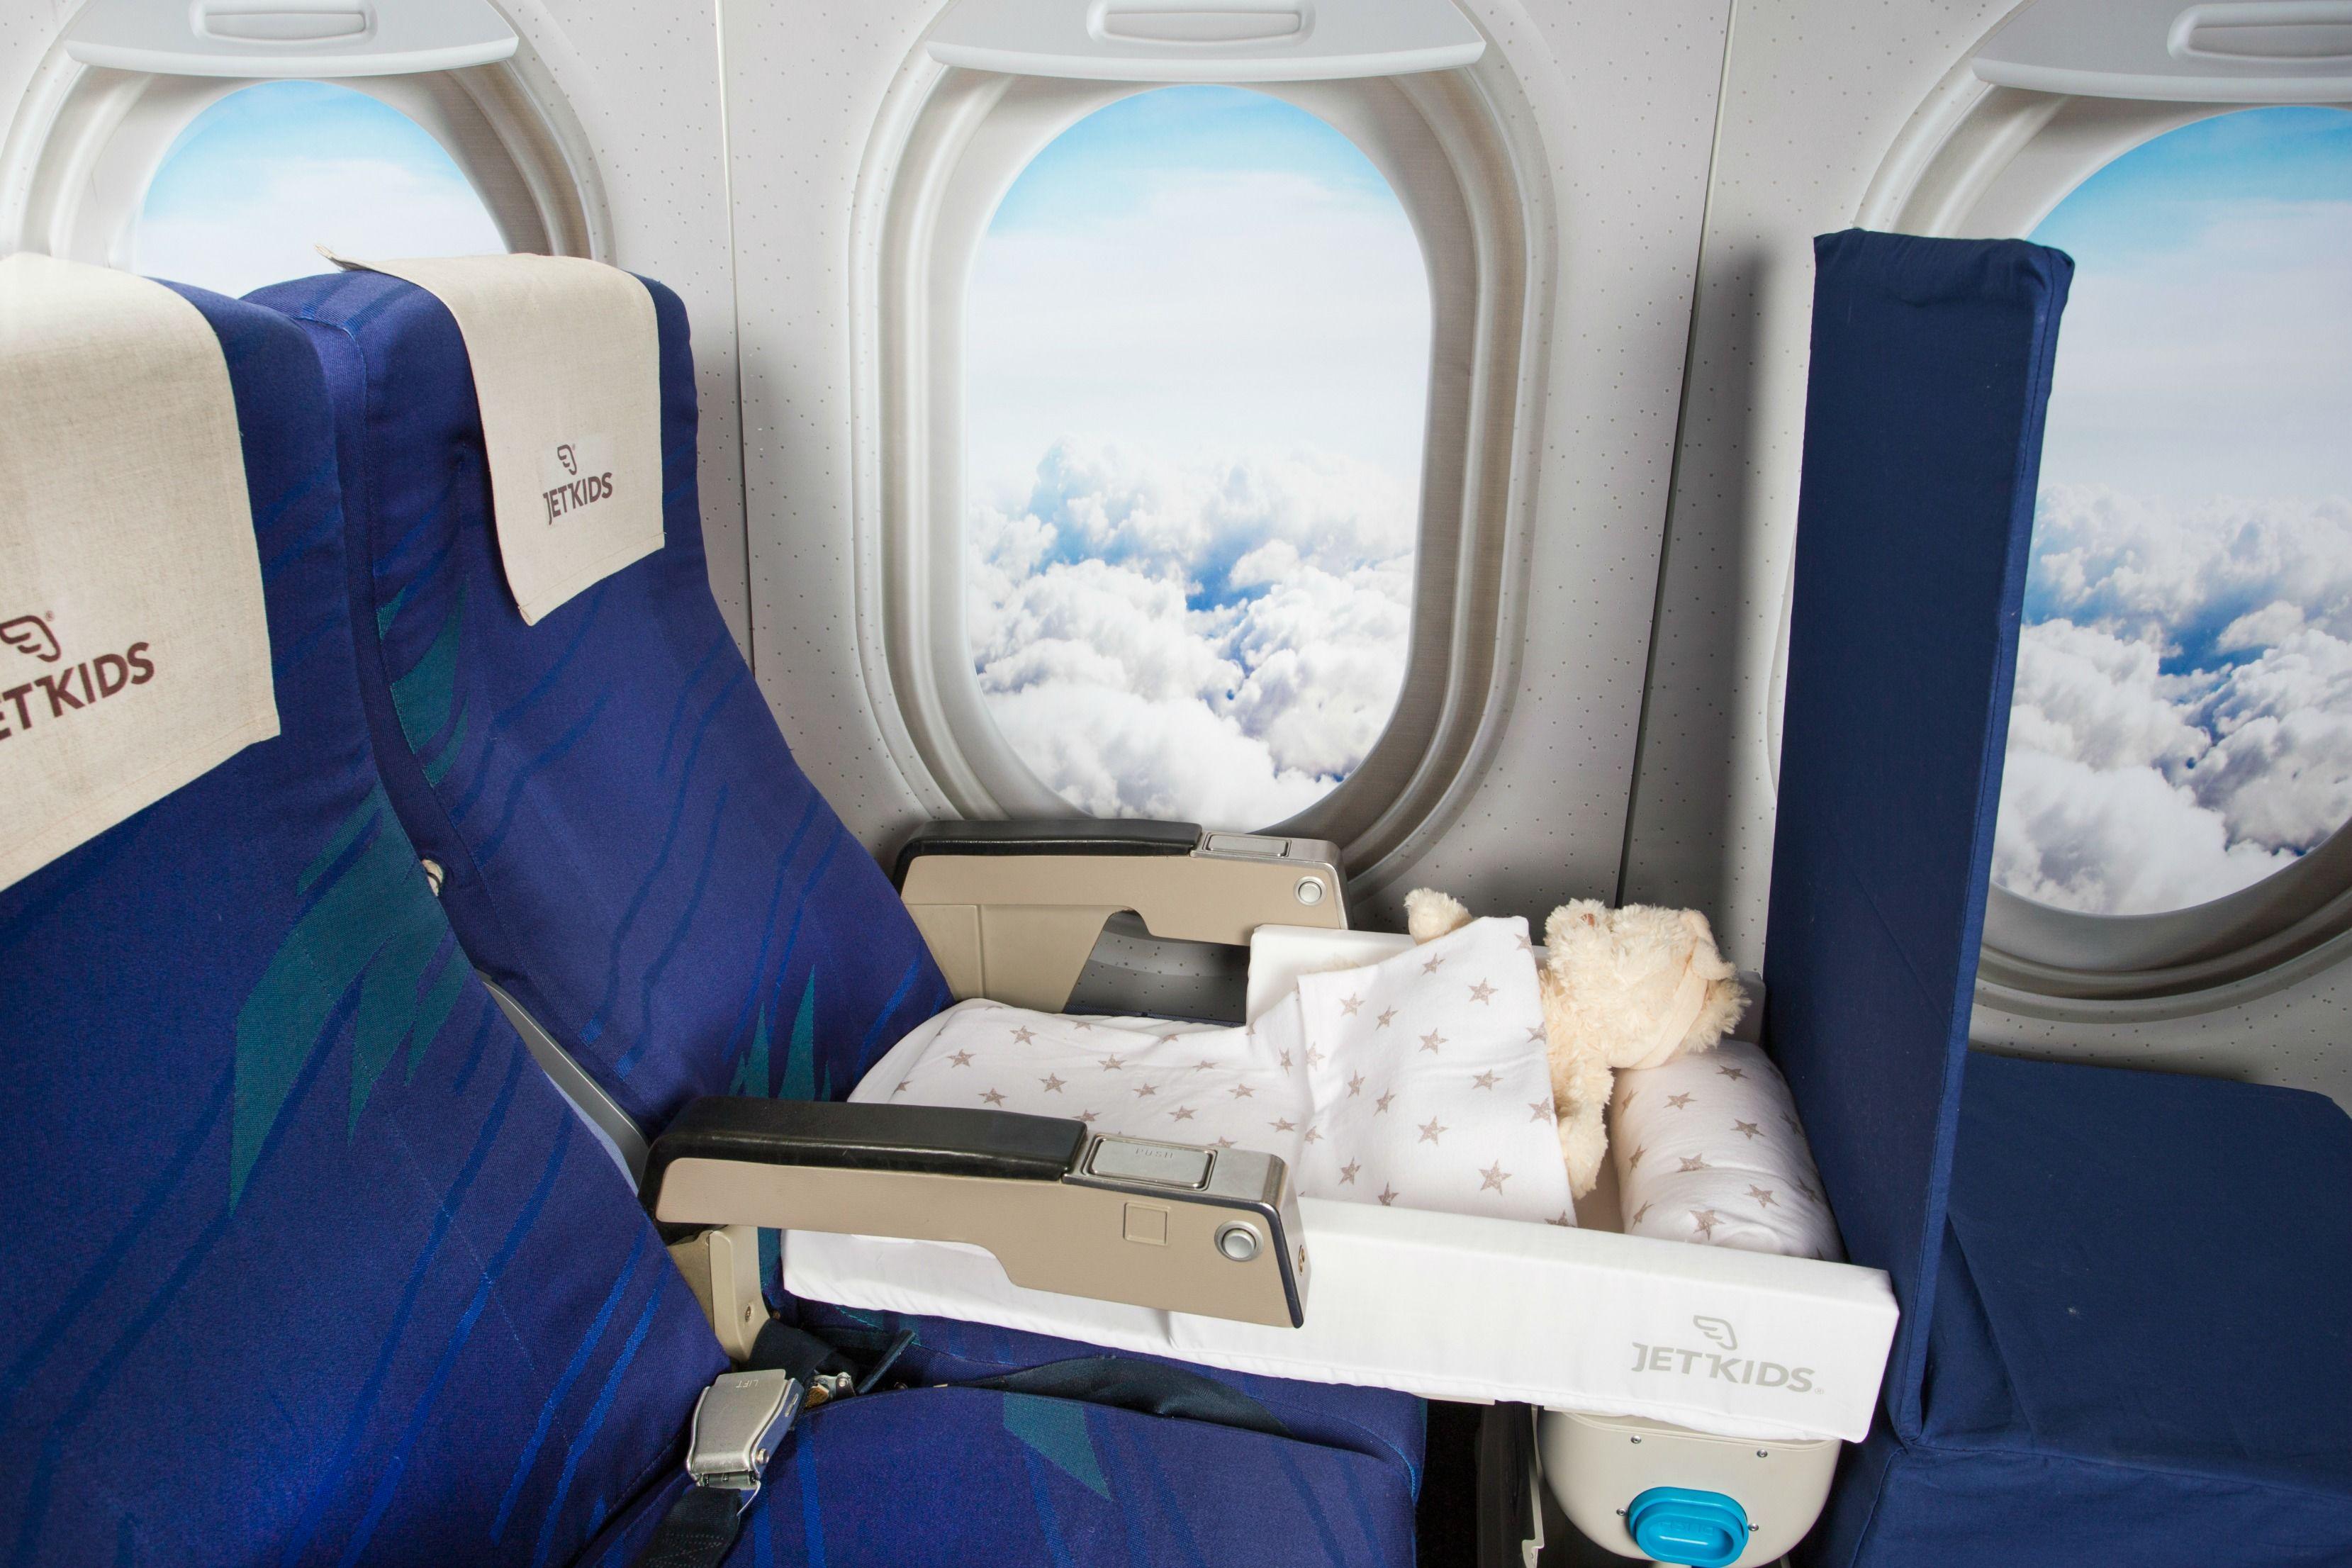 子連れフライトの強い味方。座席で「ベッドにもなる」スーツケースがすごい・・・